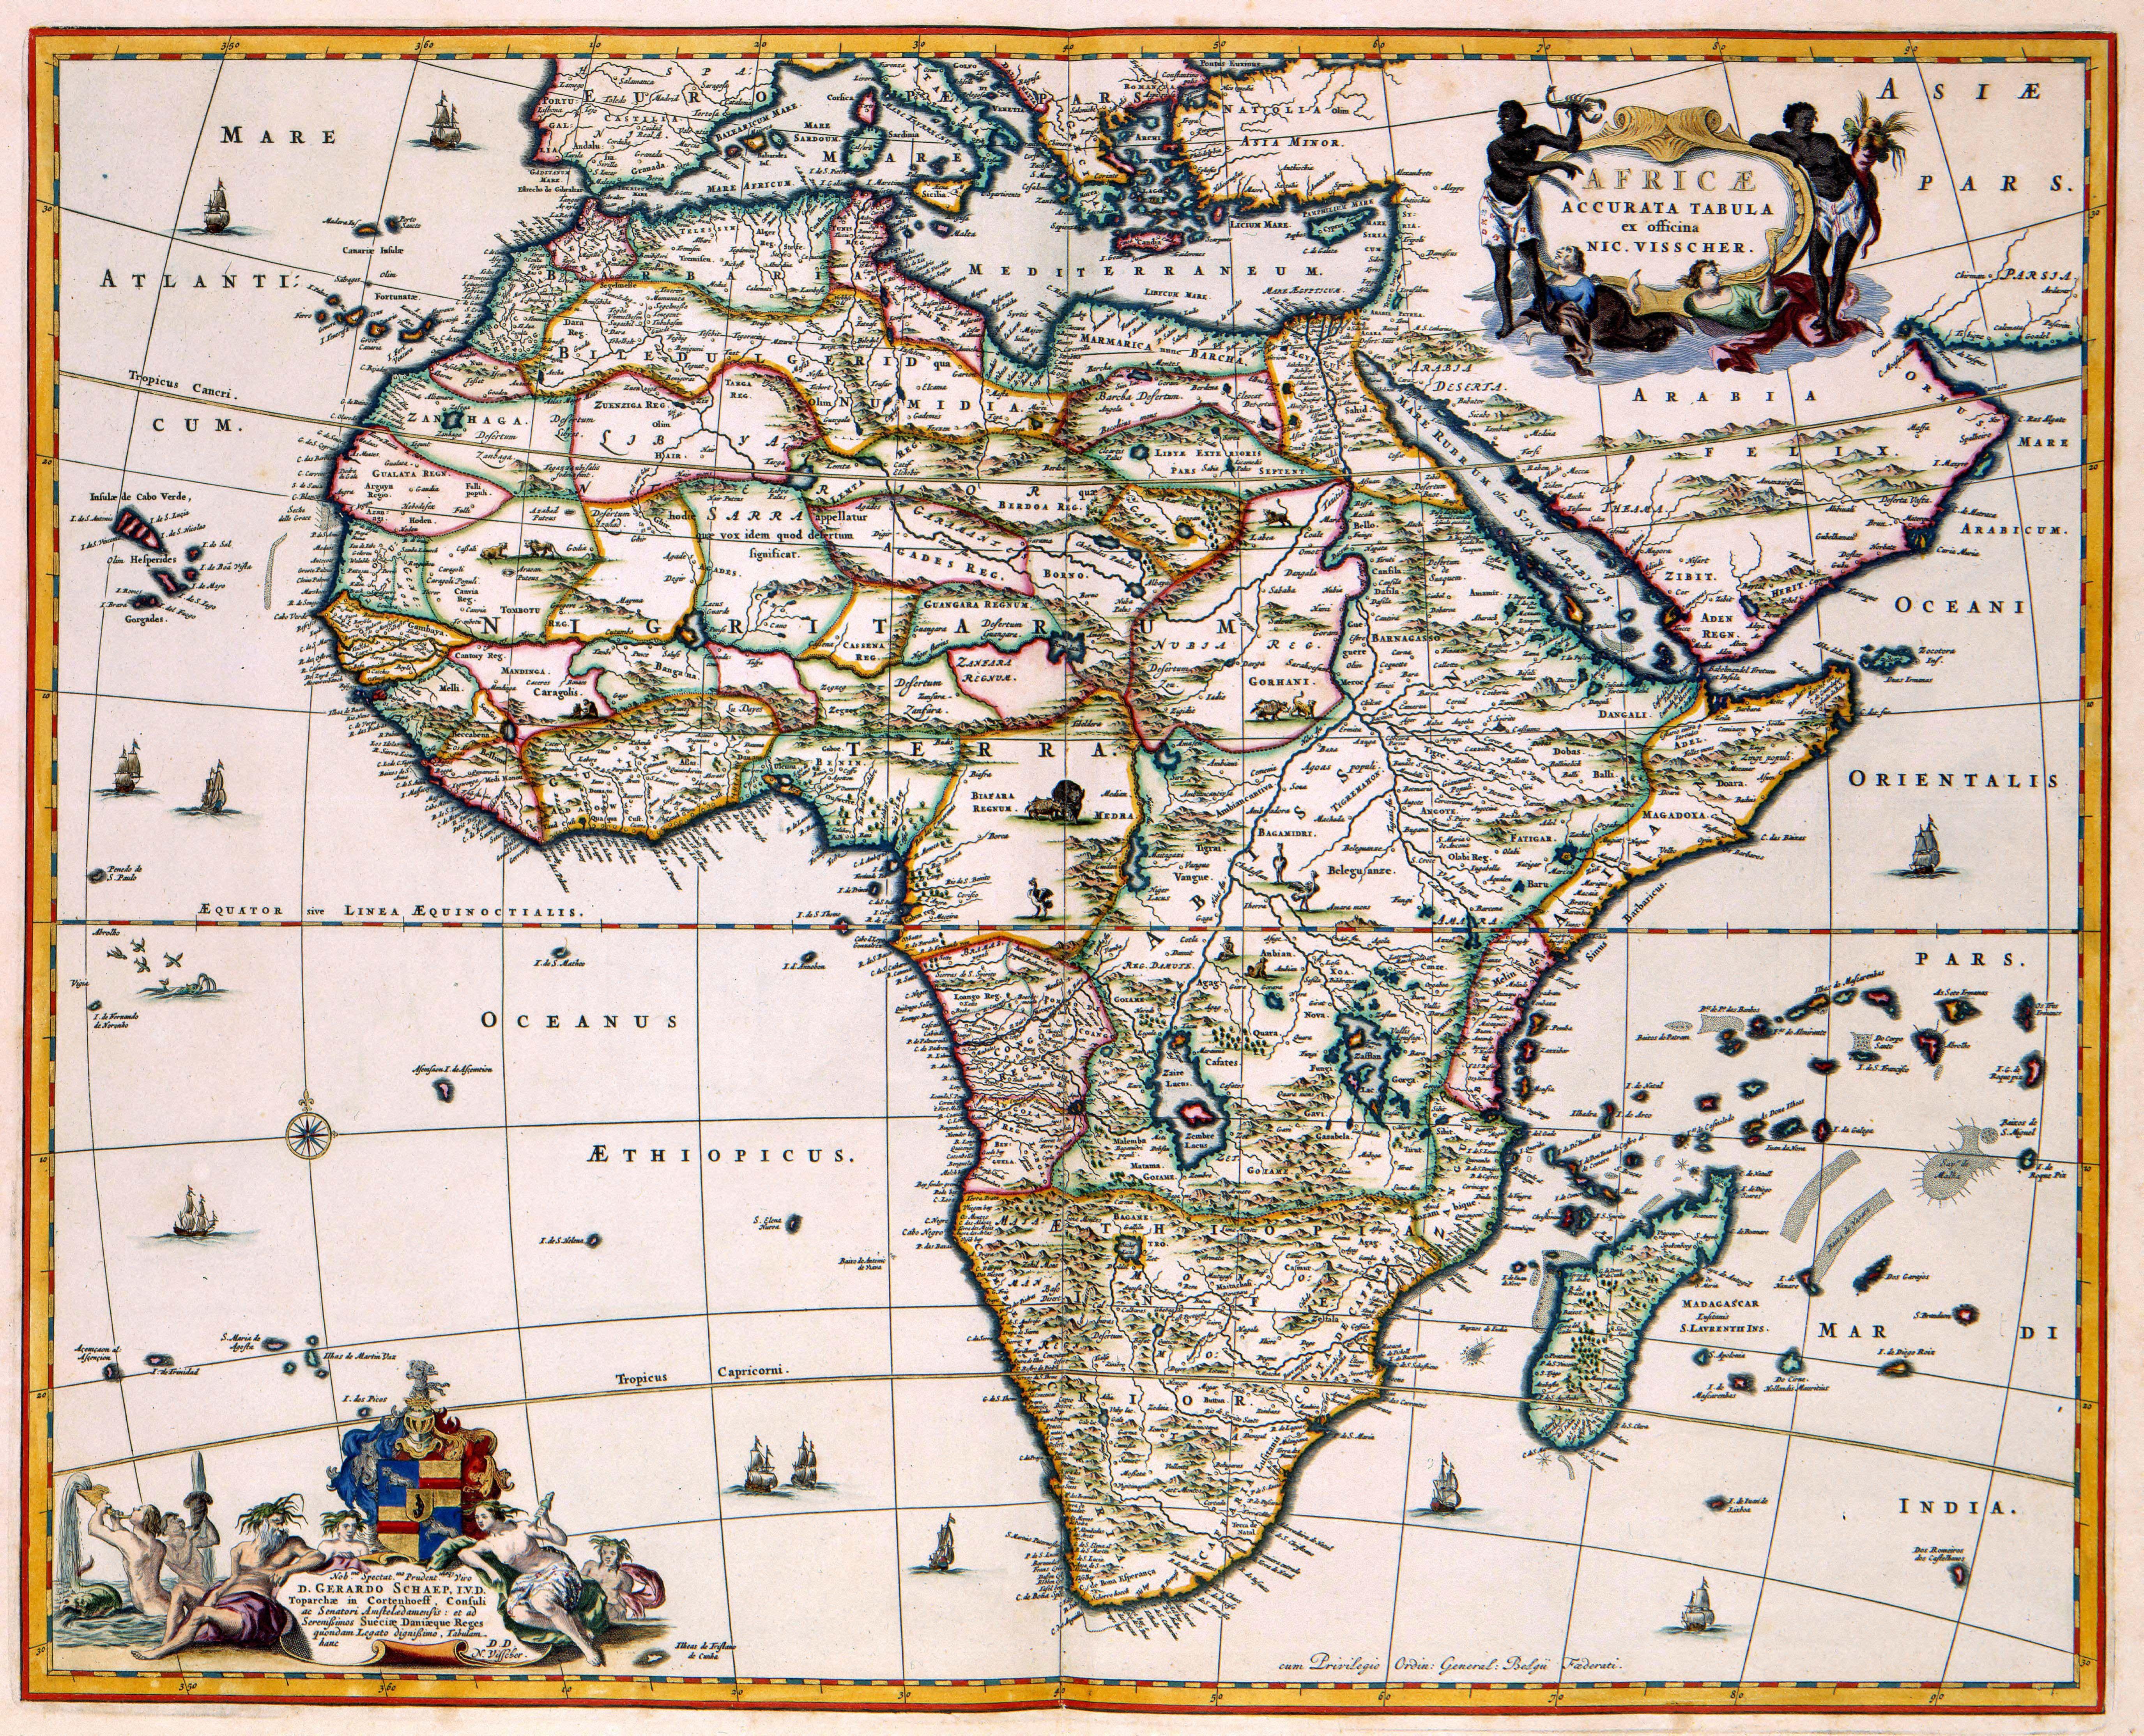 AFRICA    Afgezien van de kustlijnen is deze kaart van Afrika nauwelijks betrouwbaar. Dat is niet alleen kenmerkend voor deze kaart van Nicolaas Visscher II (1649-1702), maar dat geldt voor alle andere kaarten van Afrika die tijdens de 17de en 18de eeuw werden gepubliceerd. Pas in de tweede helft van de 19de eeuw werden de Afrikaanse binnenlanden beetje voor beetje opengelegd.